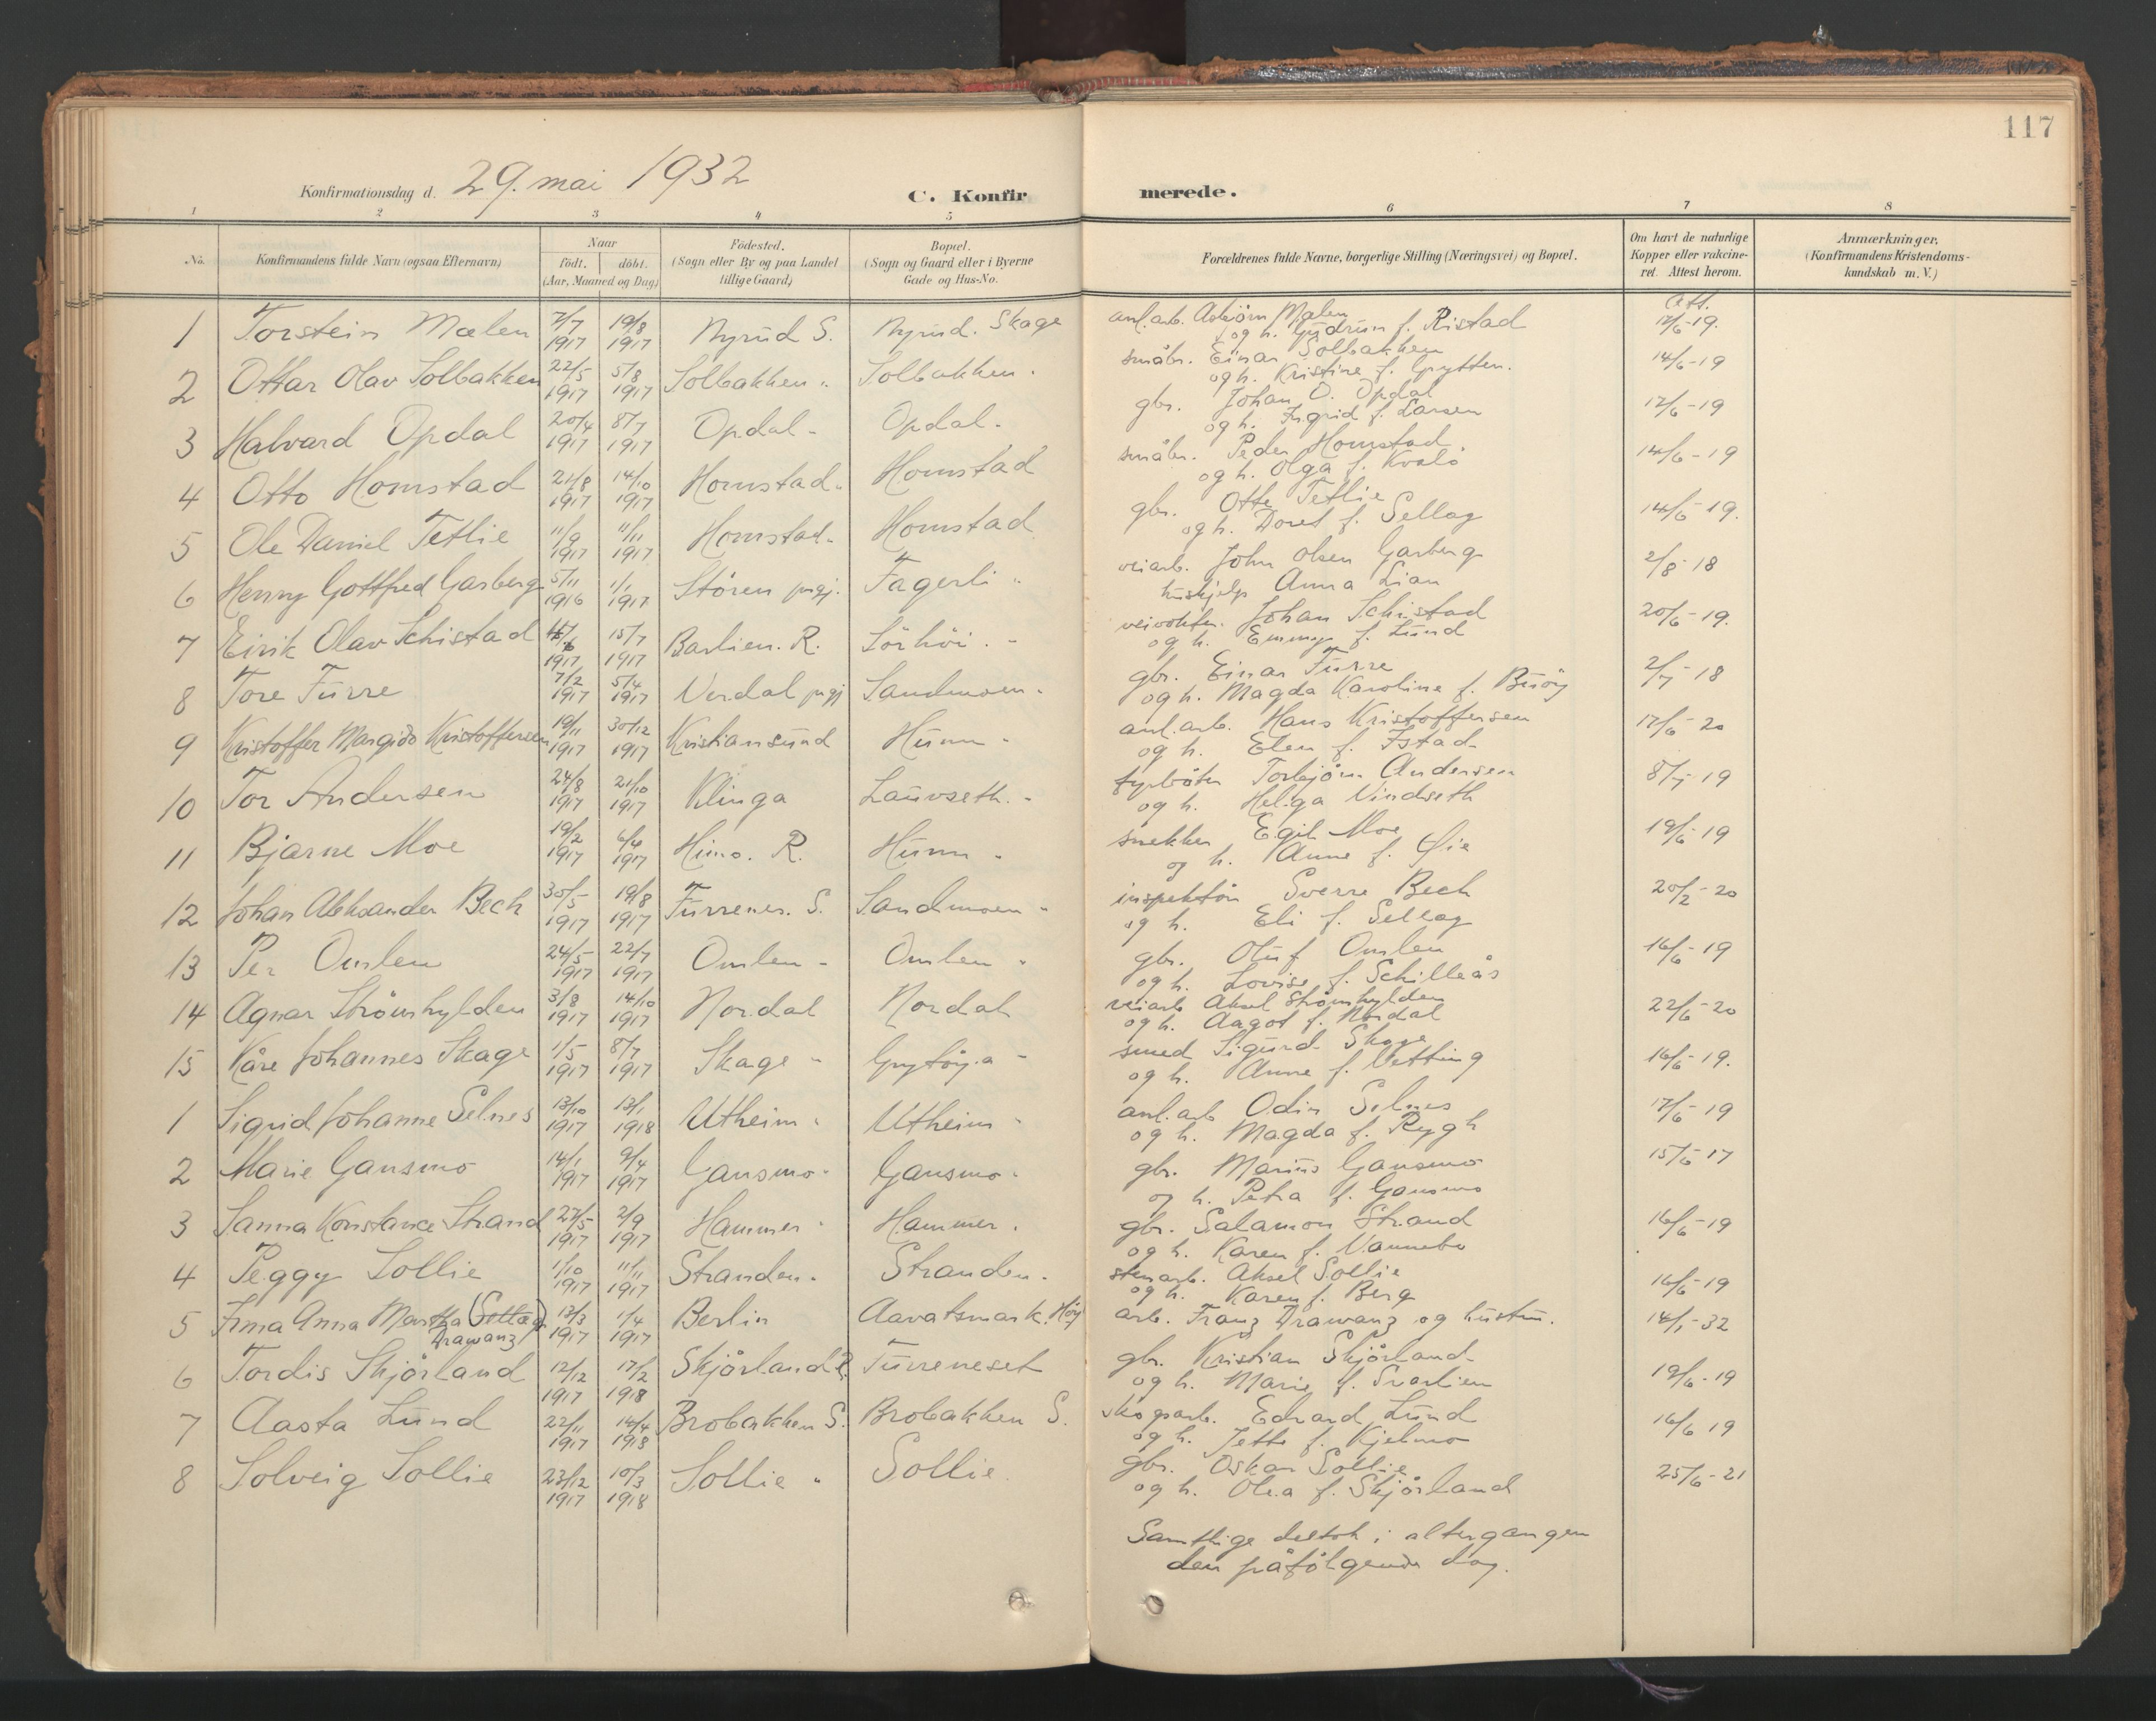 SAT, Ministerialprotokoller, klokkerbøker og fødselsregistre - Nord-Trøndelag, 766/L0564: Ministerialbok nr. 767A02, 1900-1932, s. 117